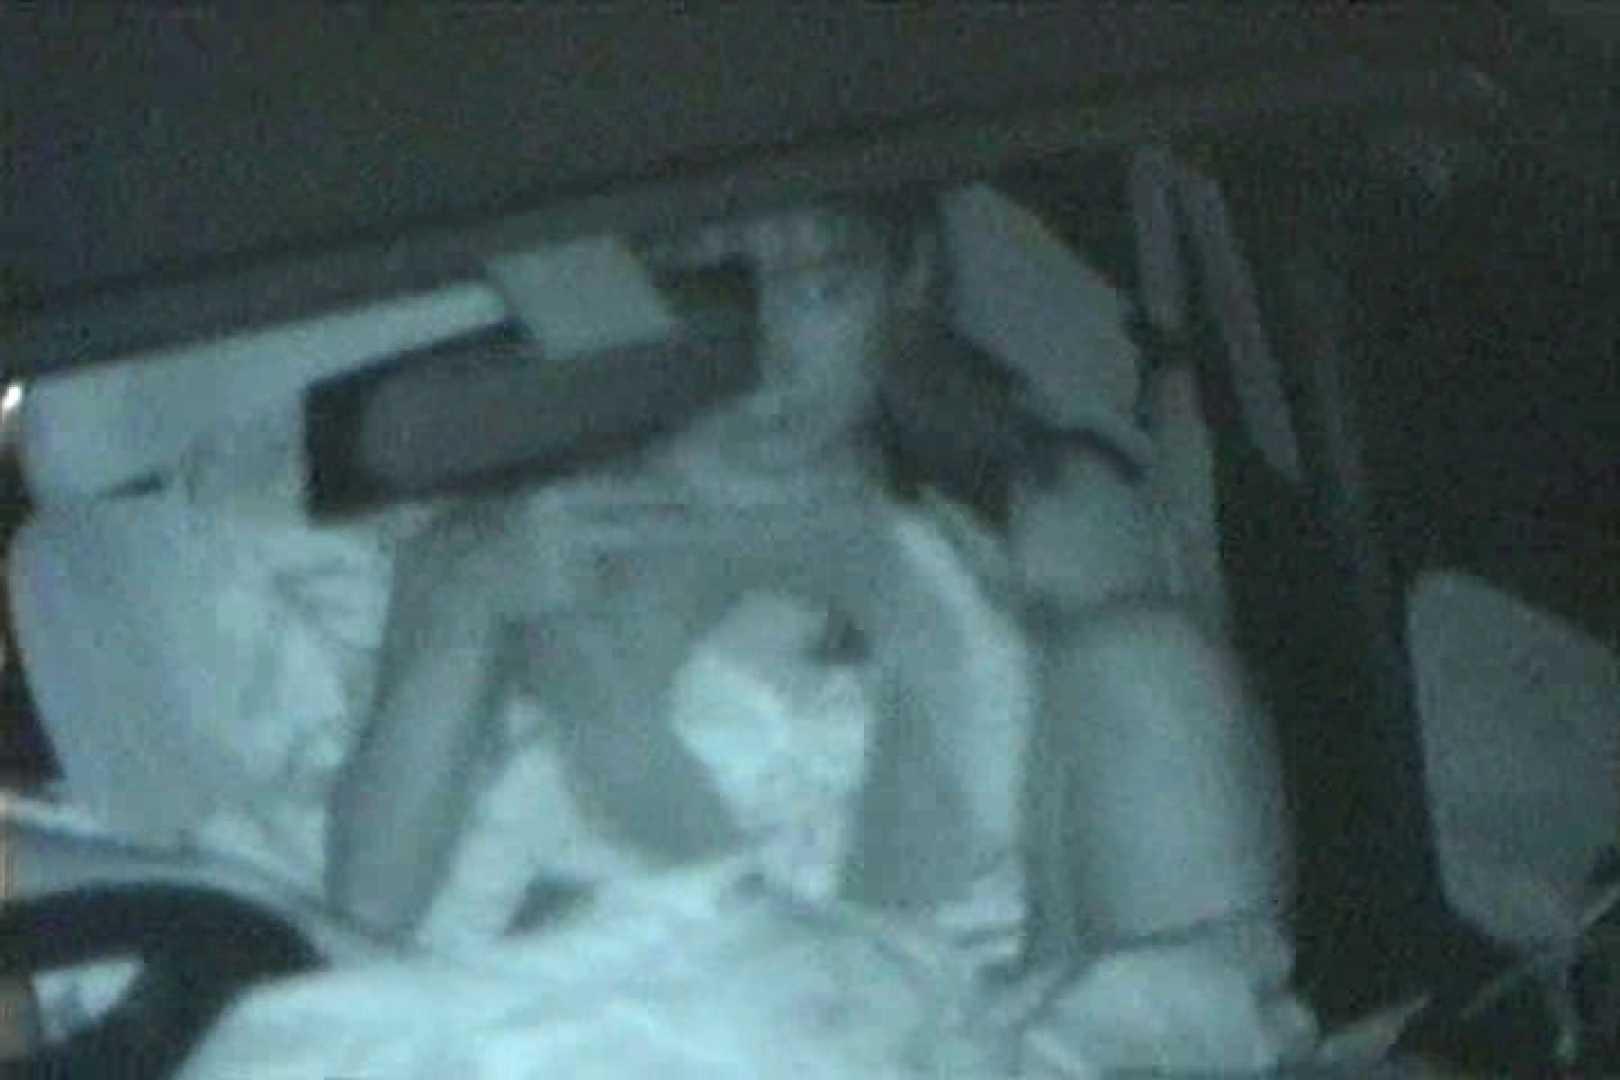 車の中はラブホテル 無修正版  Vol.27 車でエッチ おめこ無修正動画無料 105PIX 5